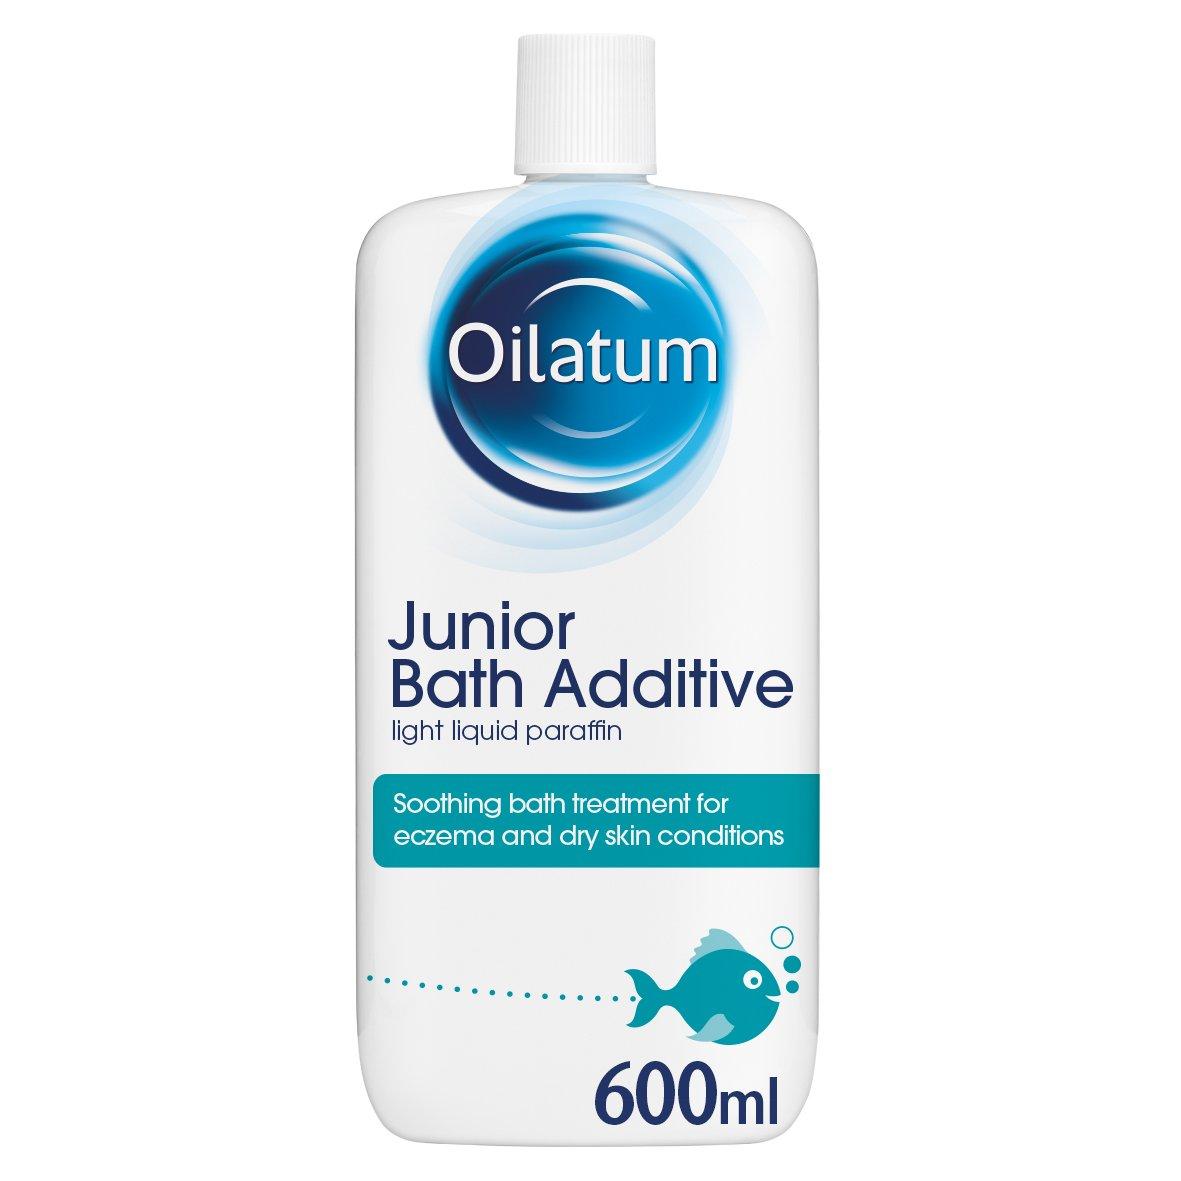 OILATUM JUNIOR BATH EMOLLIENT 600ML GSK Consumer Healthcare 60000000106820